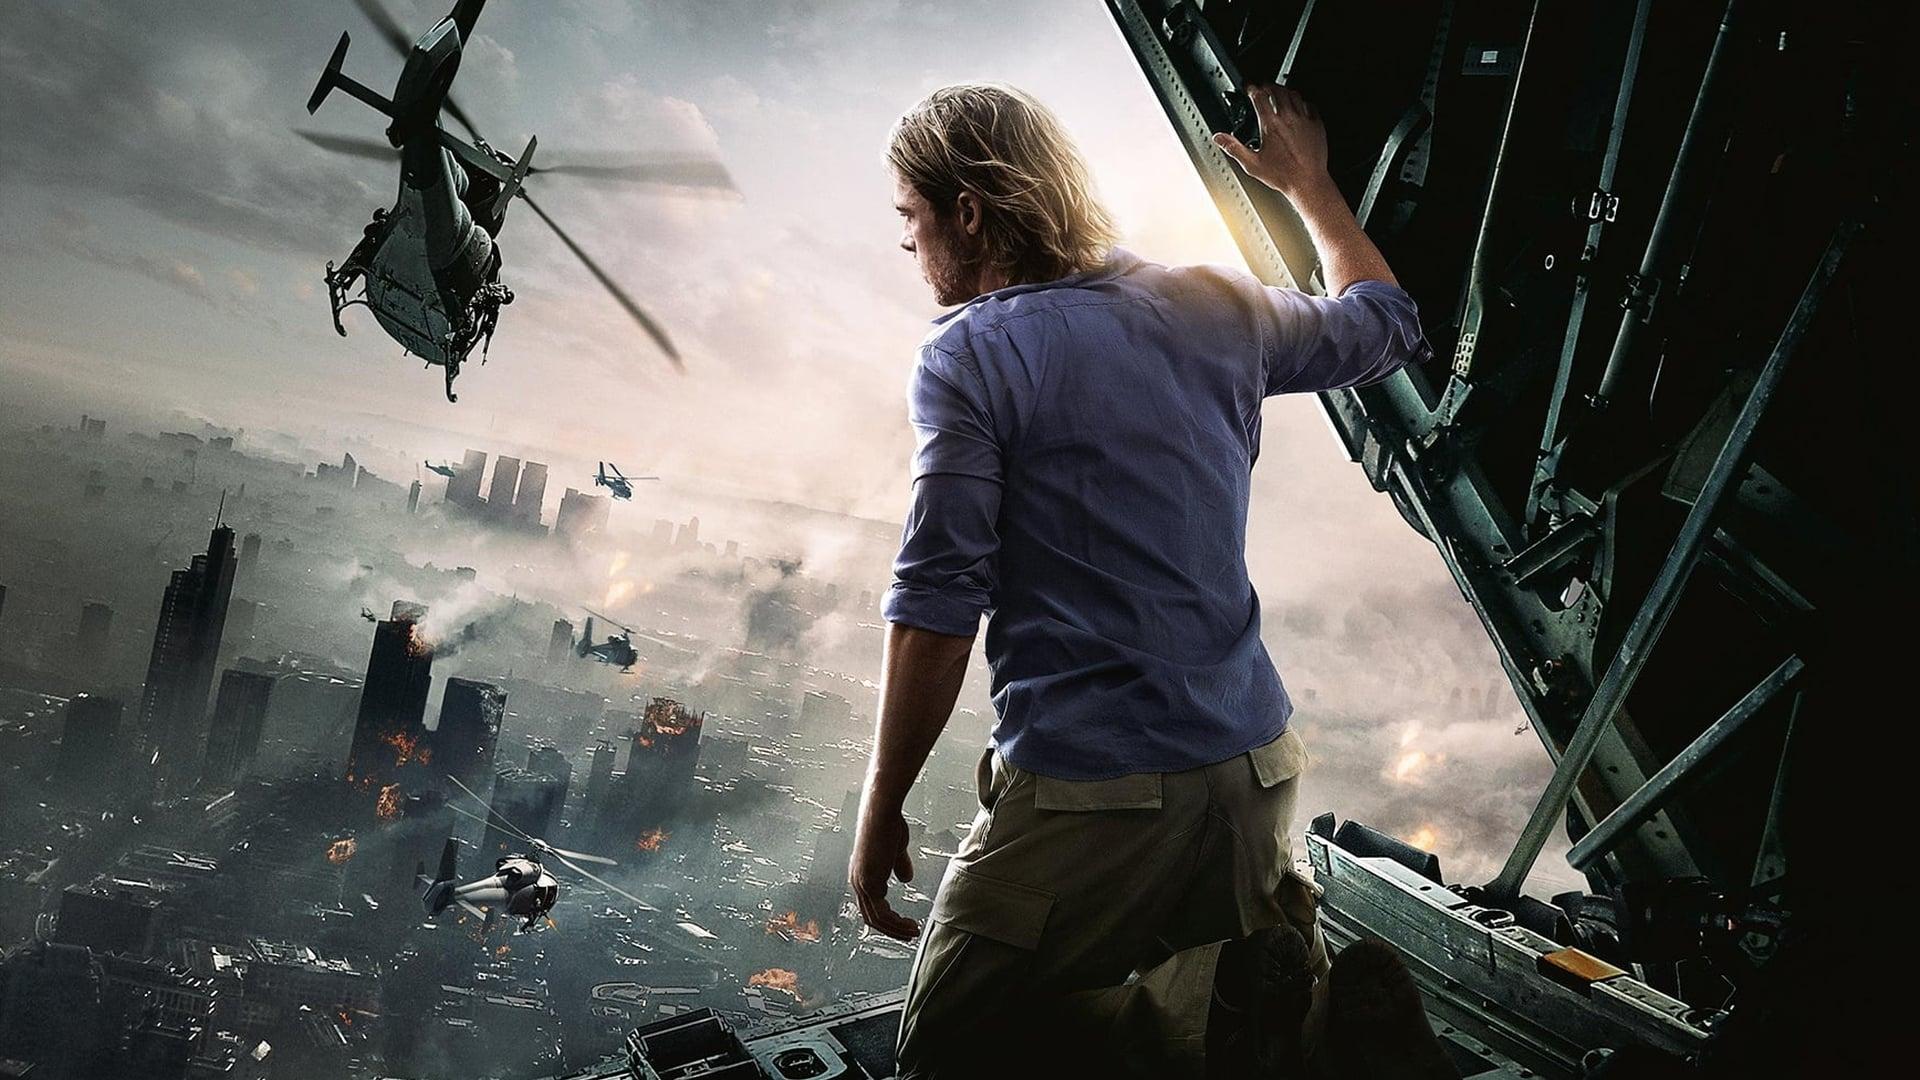 9 Apocalyptic Books Like World War Z